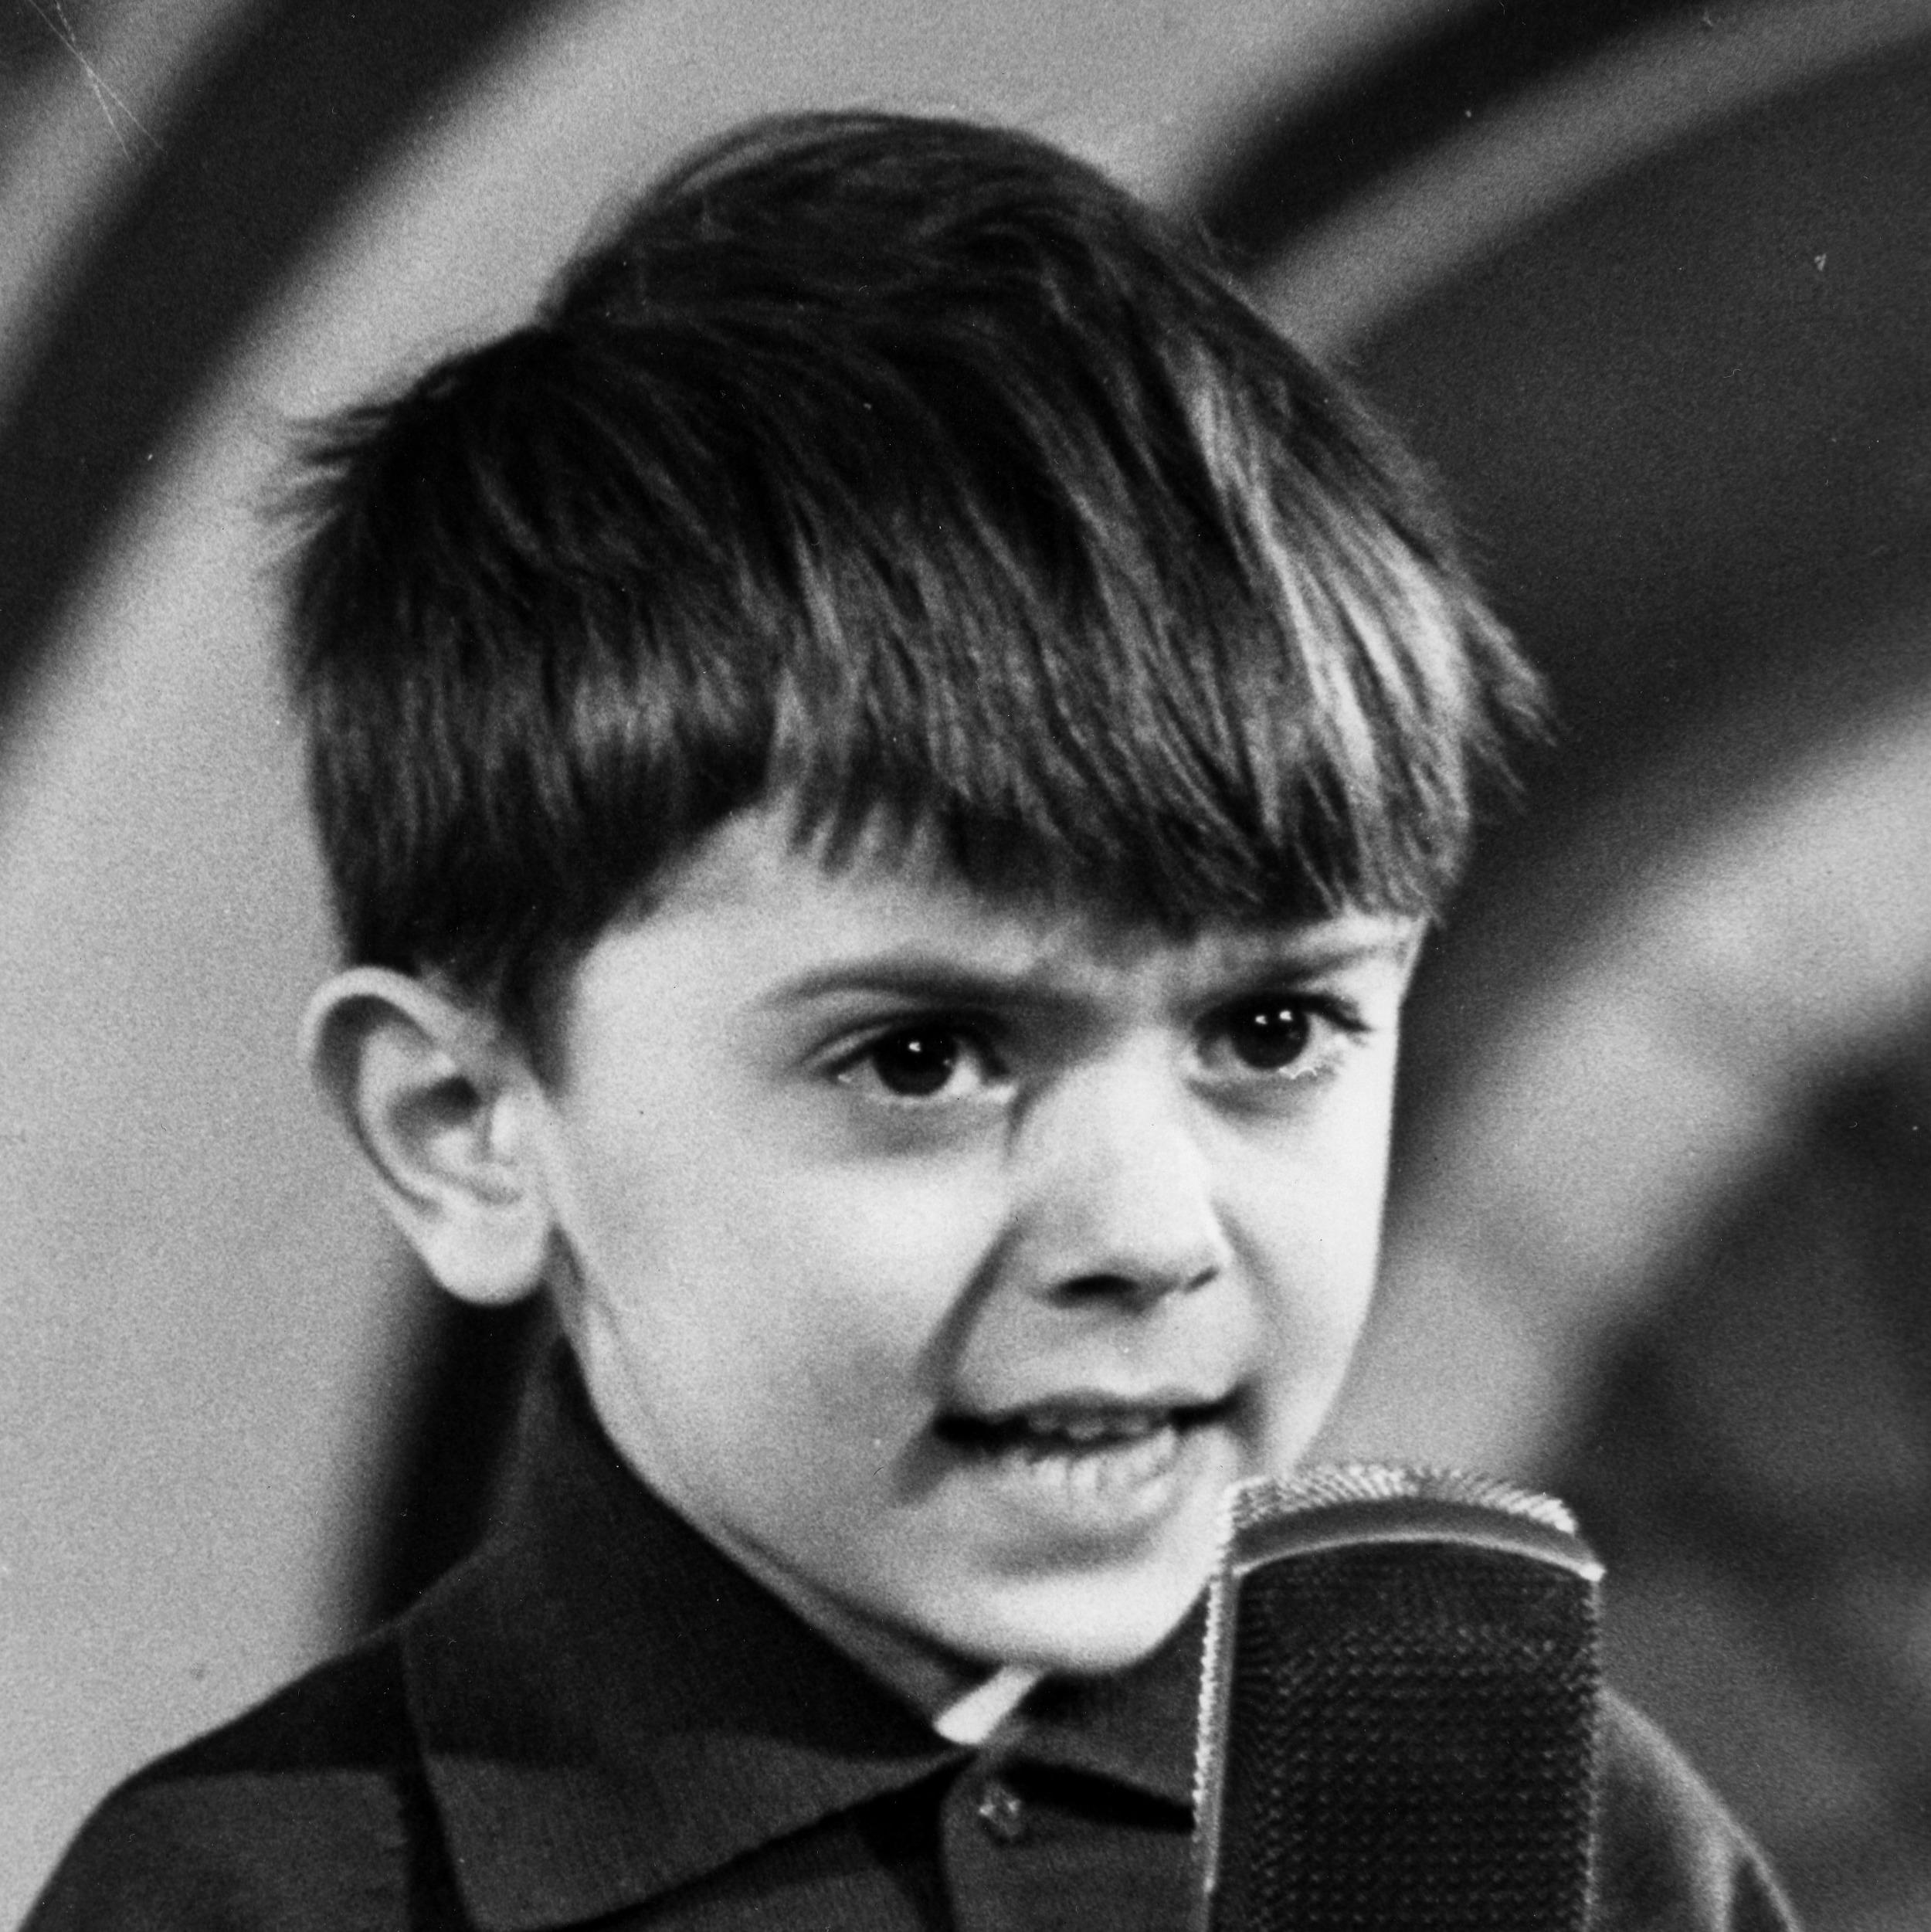 7 Z.O 1965 Dagli una spinta - Carlo Alberto Travaglino